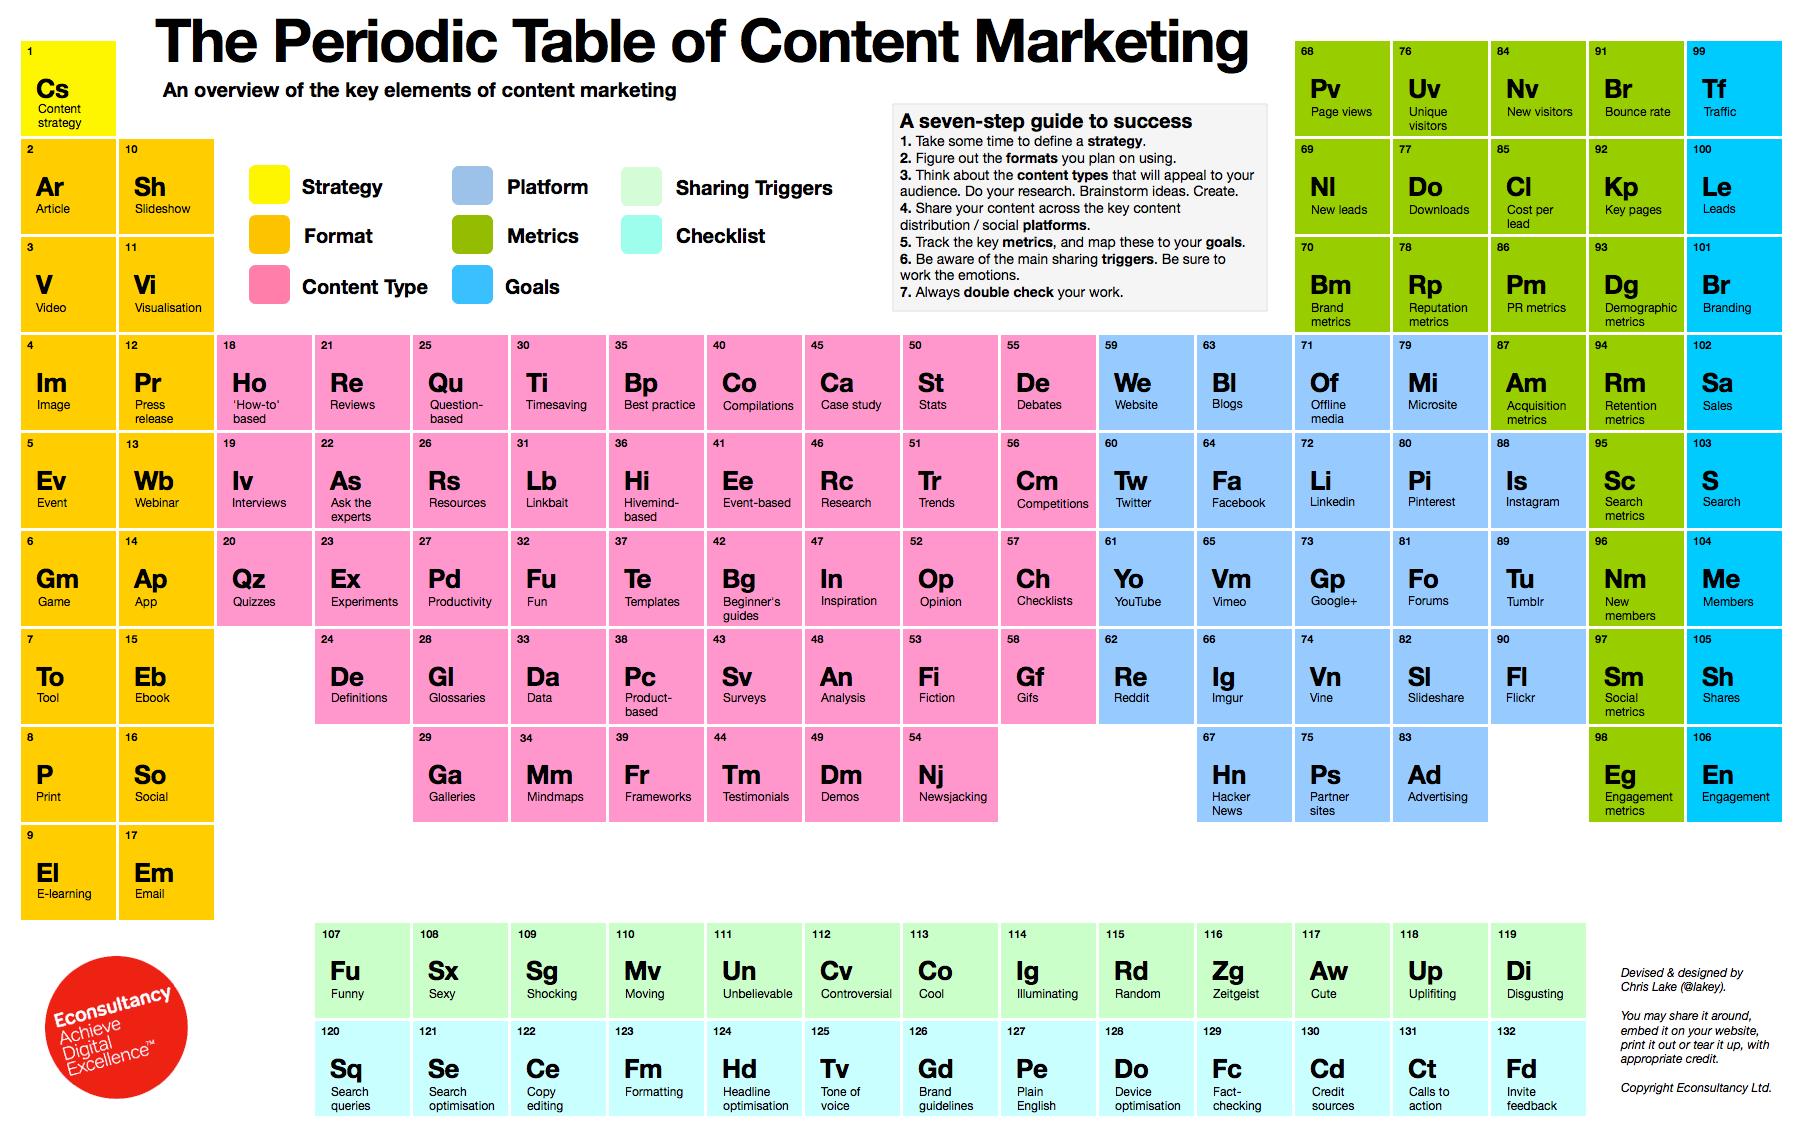 tavola periodica per fare una content strategy